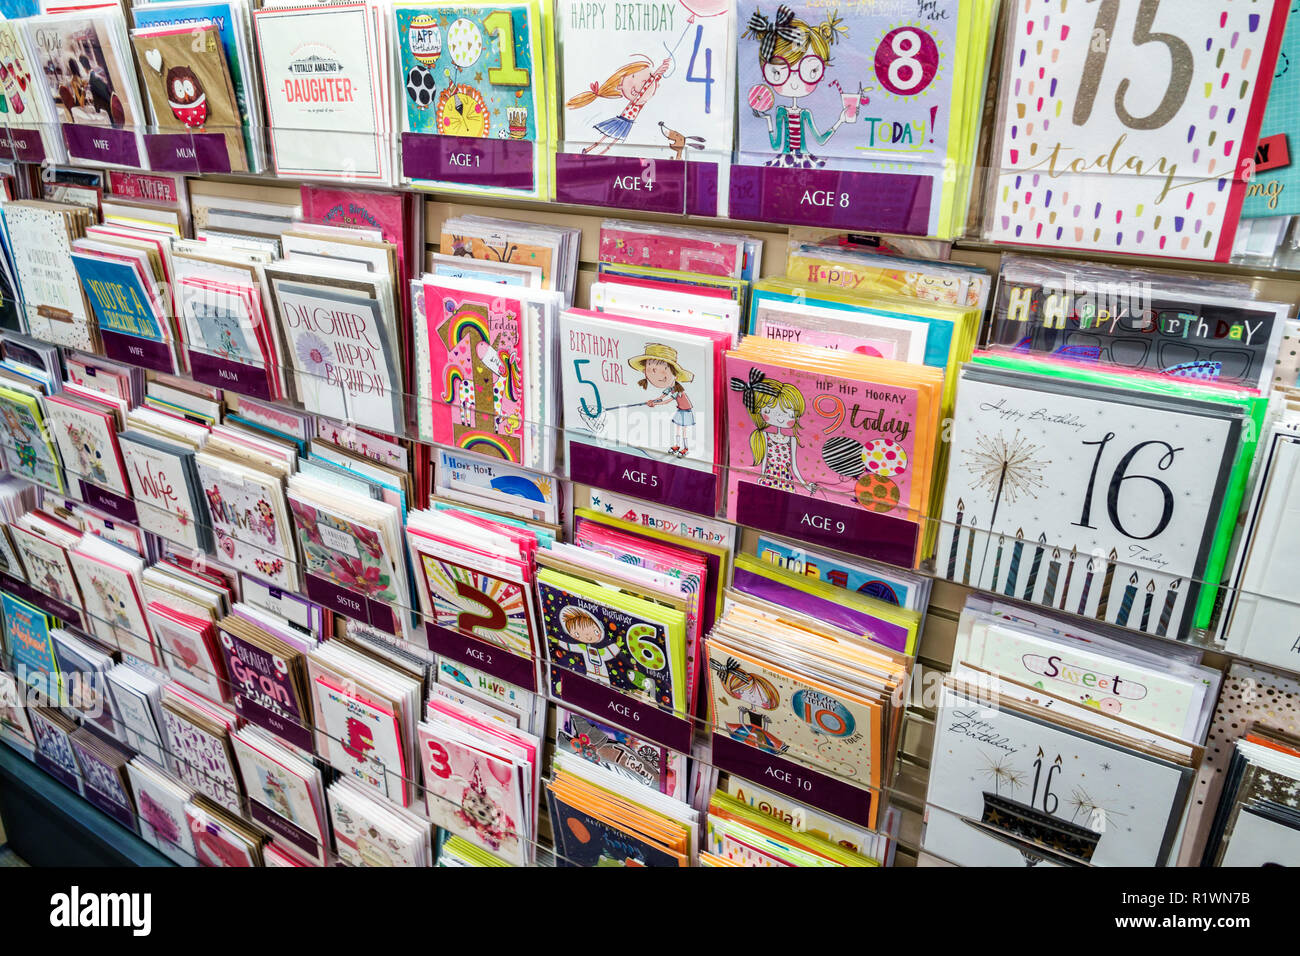 Londres Angleterre Royaume-Uni Grande-bretagne Kensington cadeaux papeterie shopping cartes de souhaits souhaits d'anniversaire de l'âge enfant lunatique Photo Stock